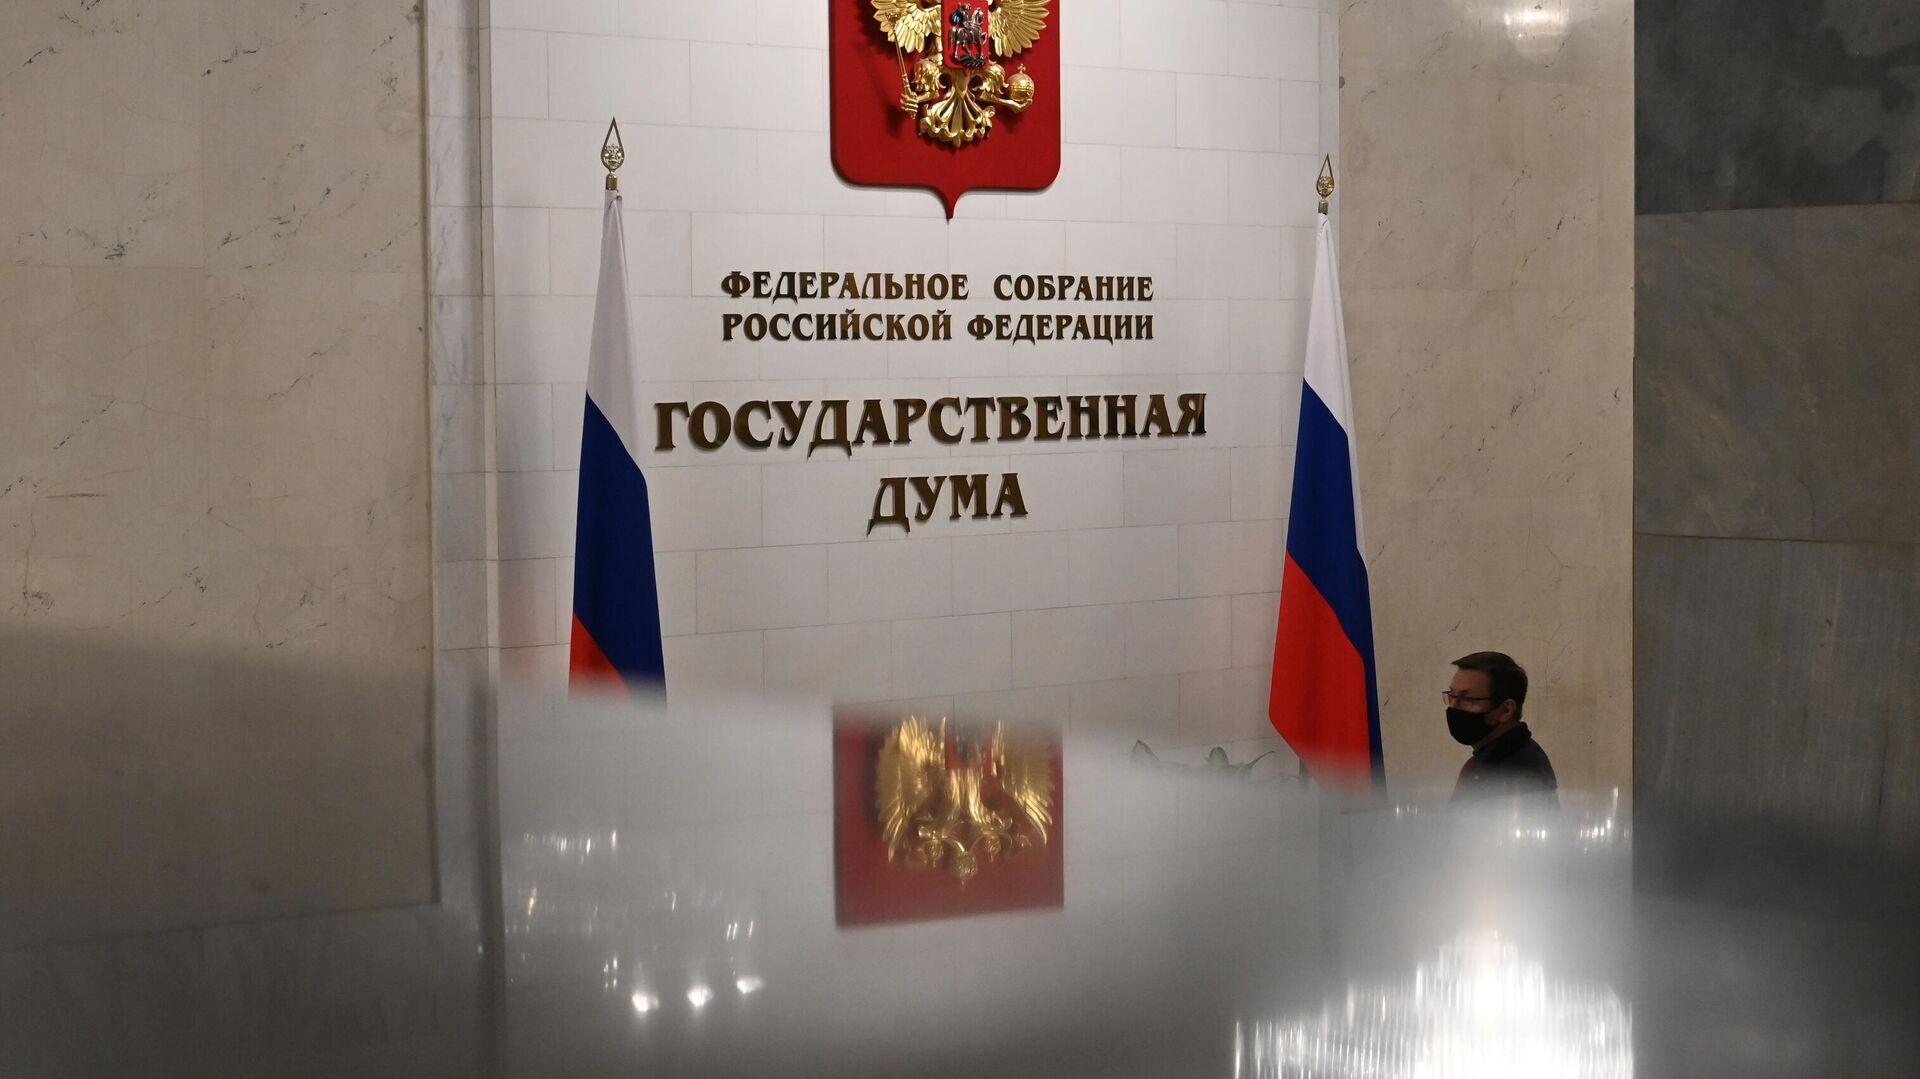 Мужчина в здании Государственной думы РФ - РИА Новости, 1920, 17.03.2021